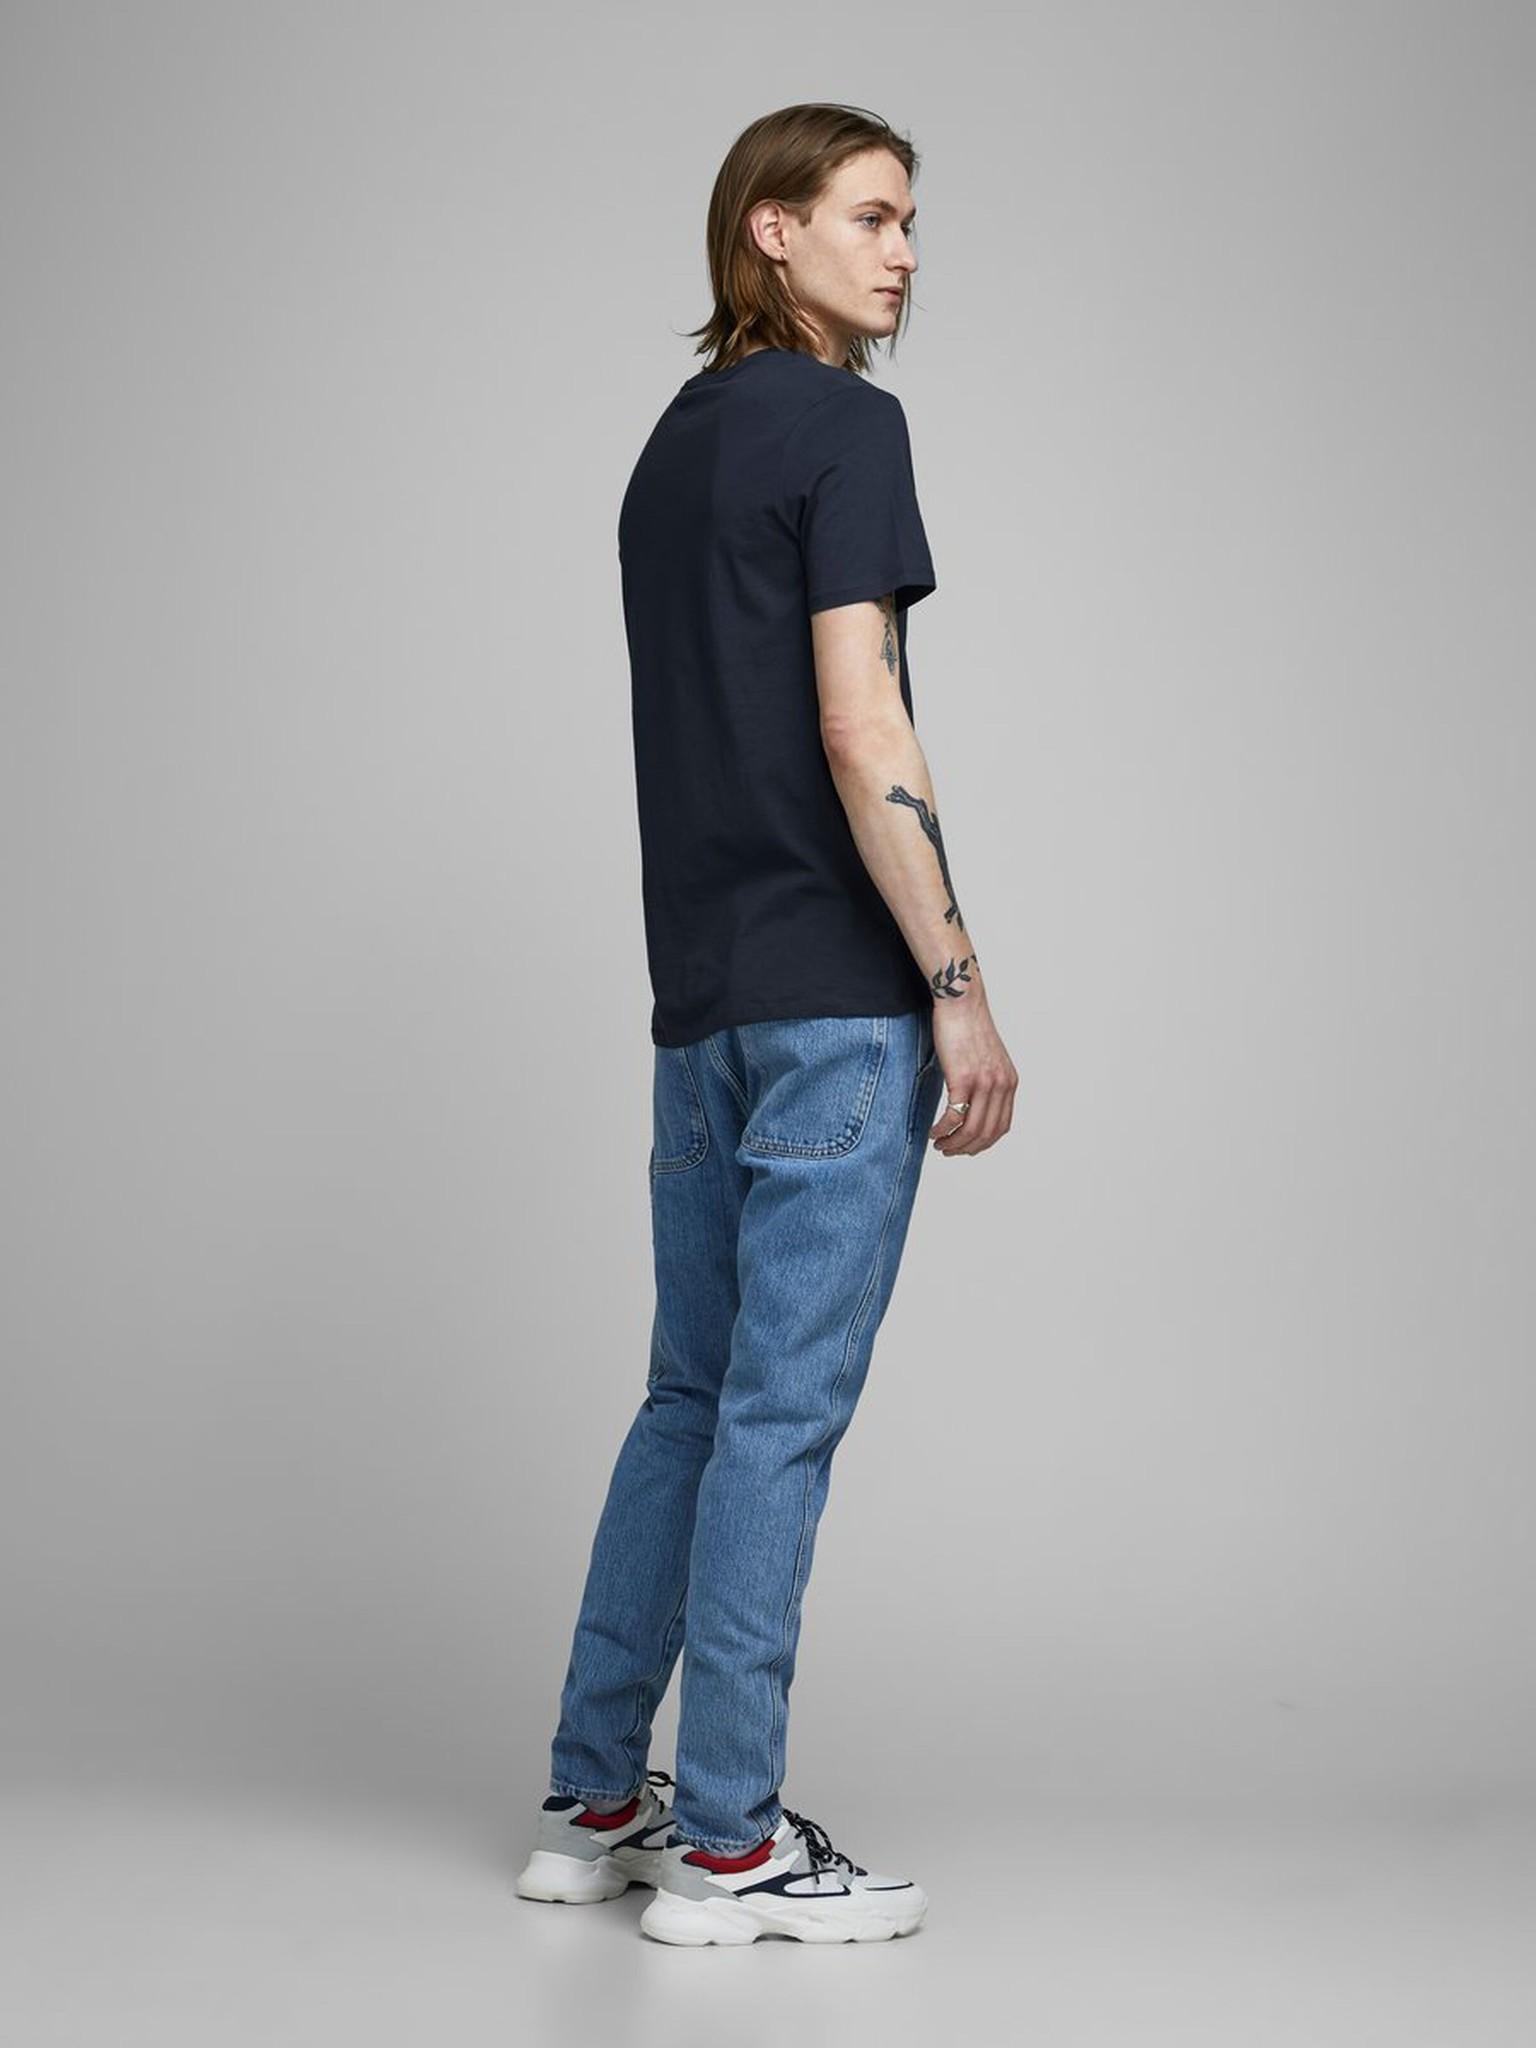 JACK & JONES coton biologique t shirt-6